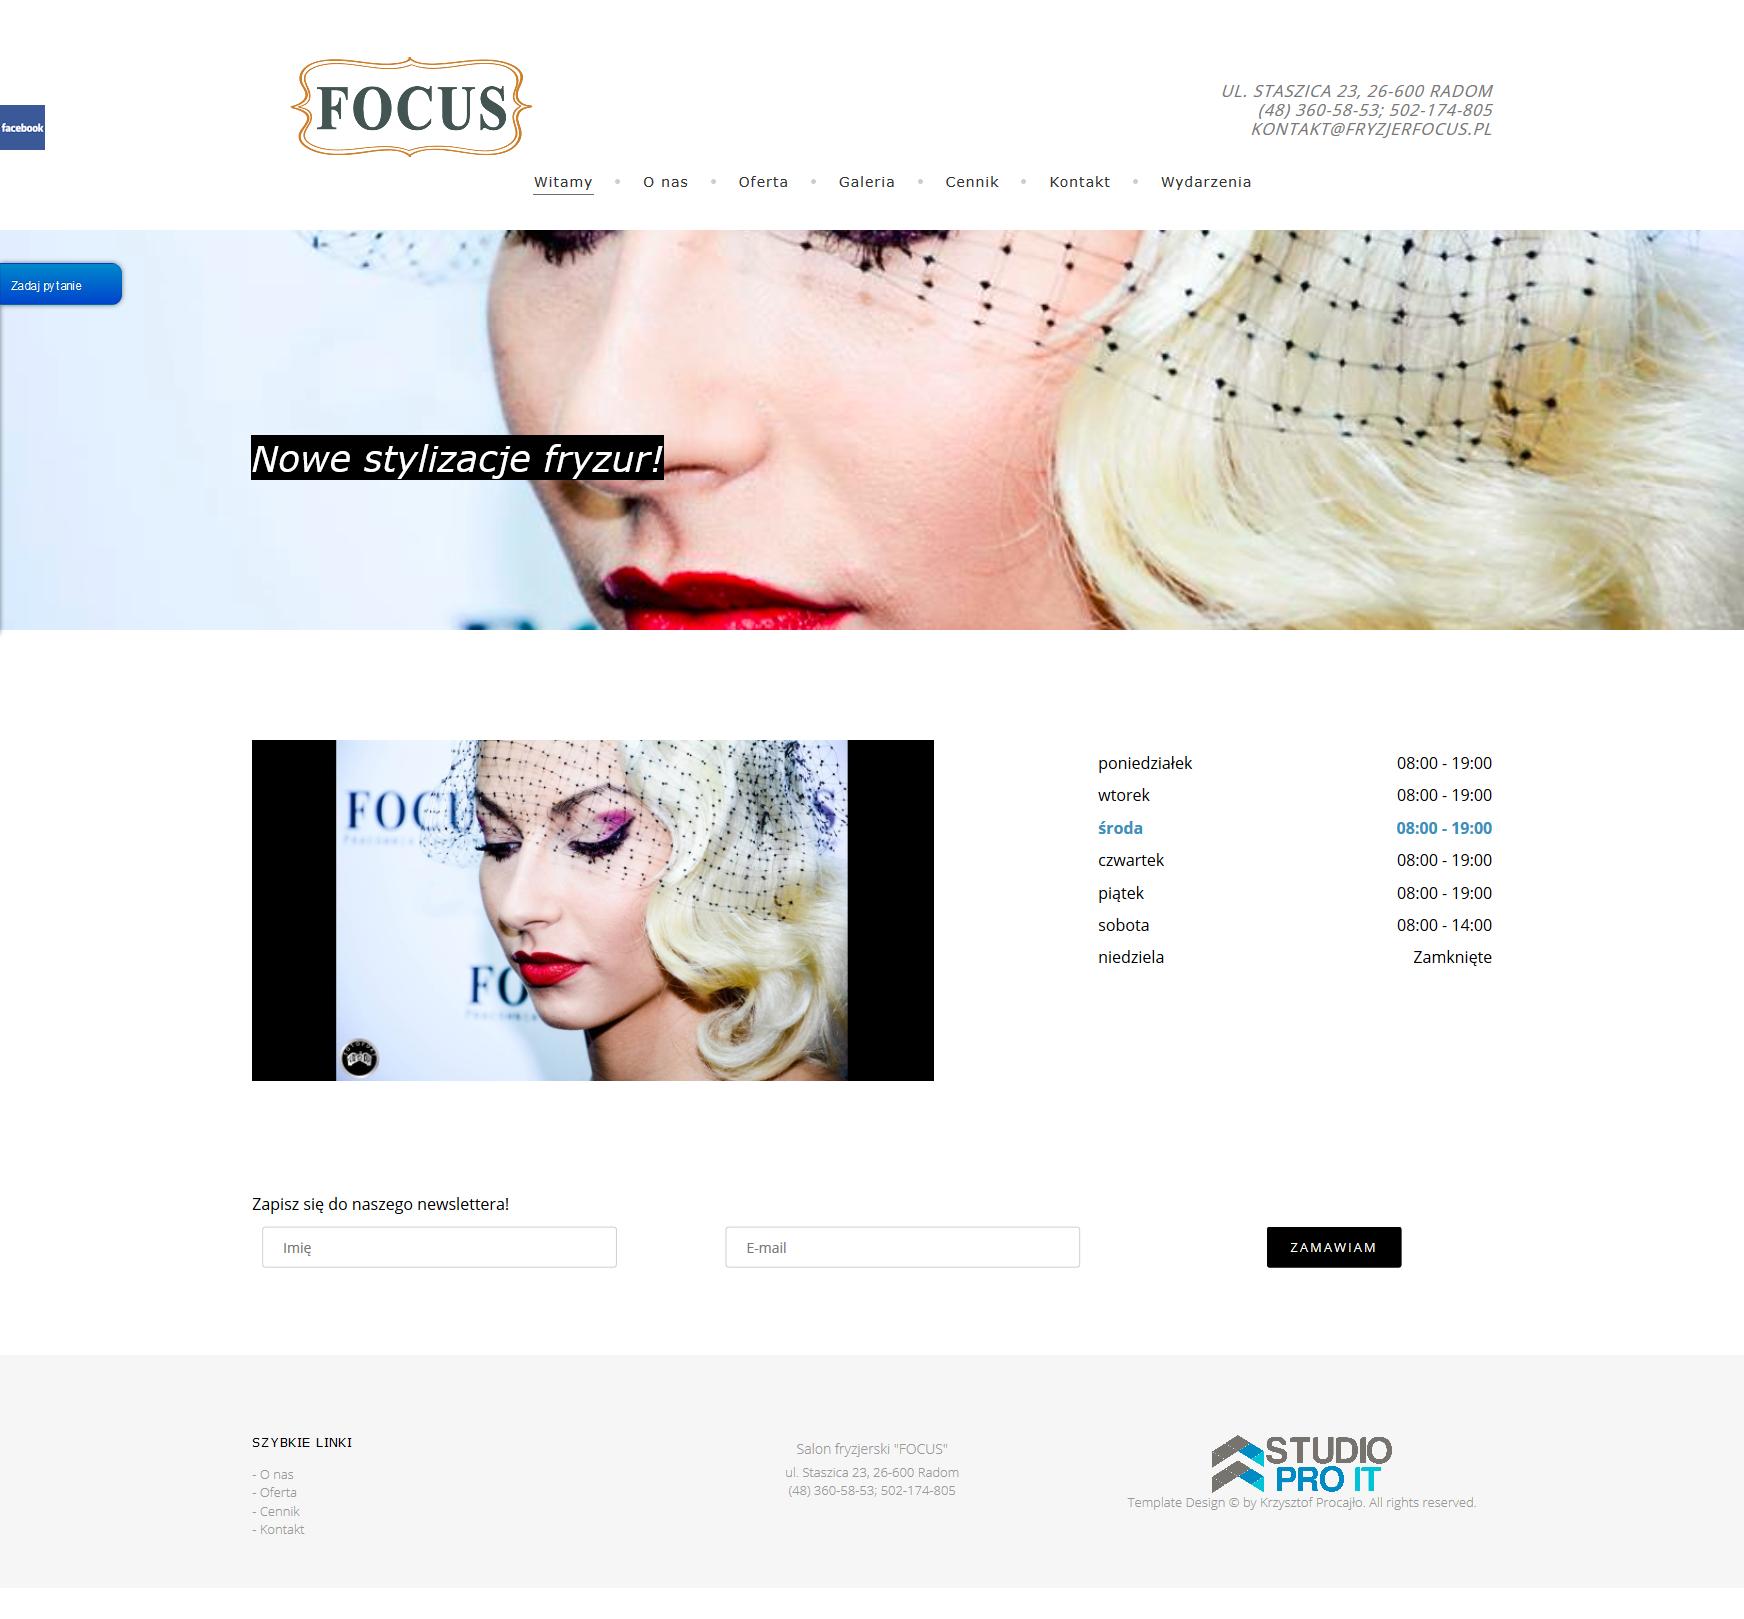 Strona internetowa salonu fryzjerskiego Focus Radom